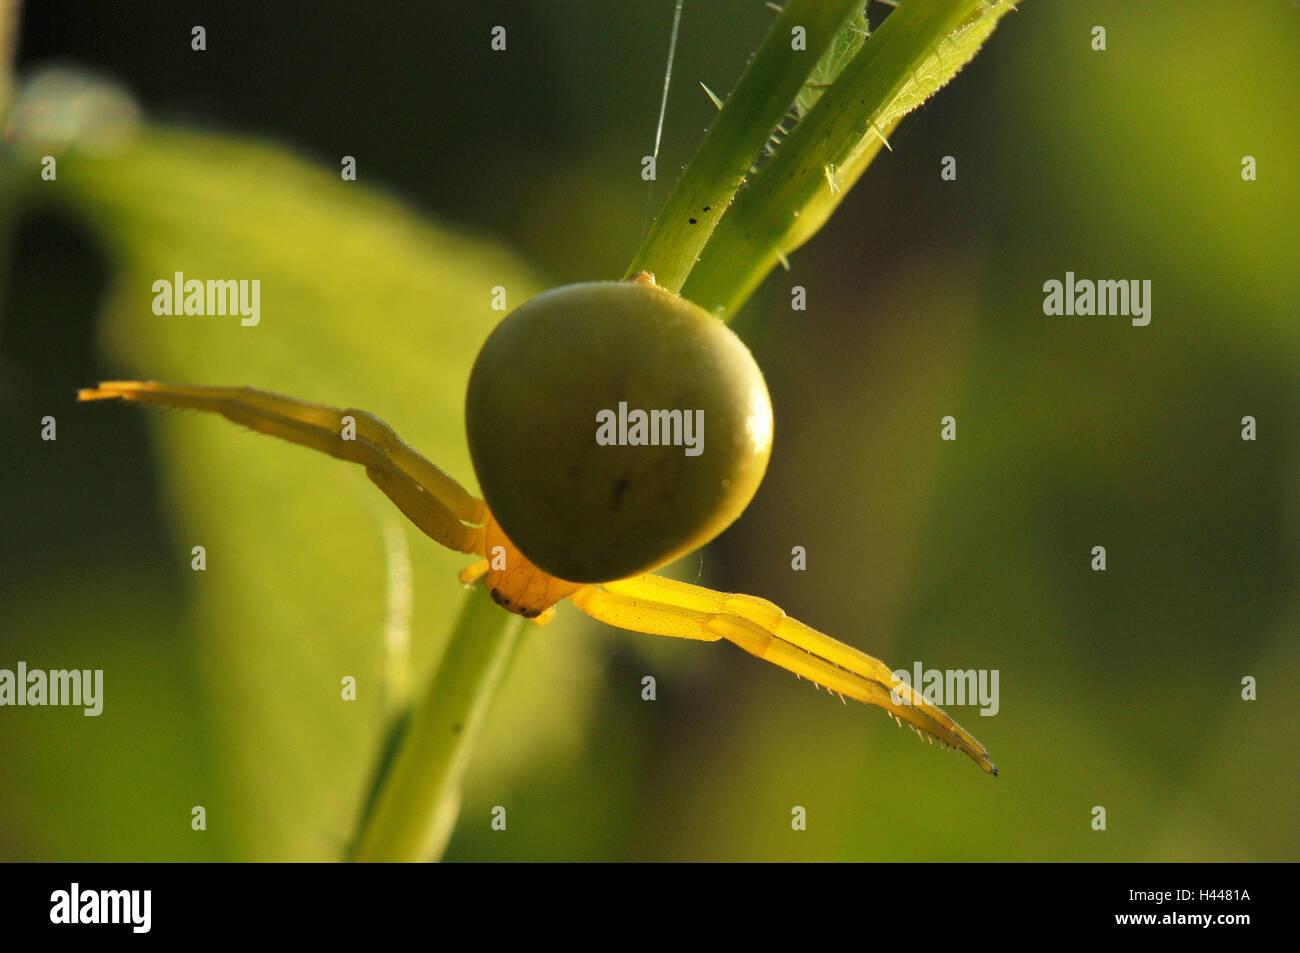 Araignée crabe Verge d', jaune, femme, Banque D'Images